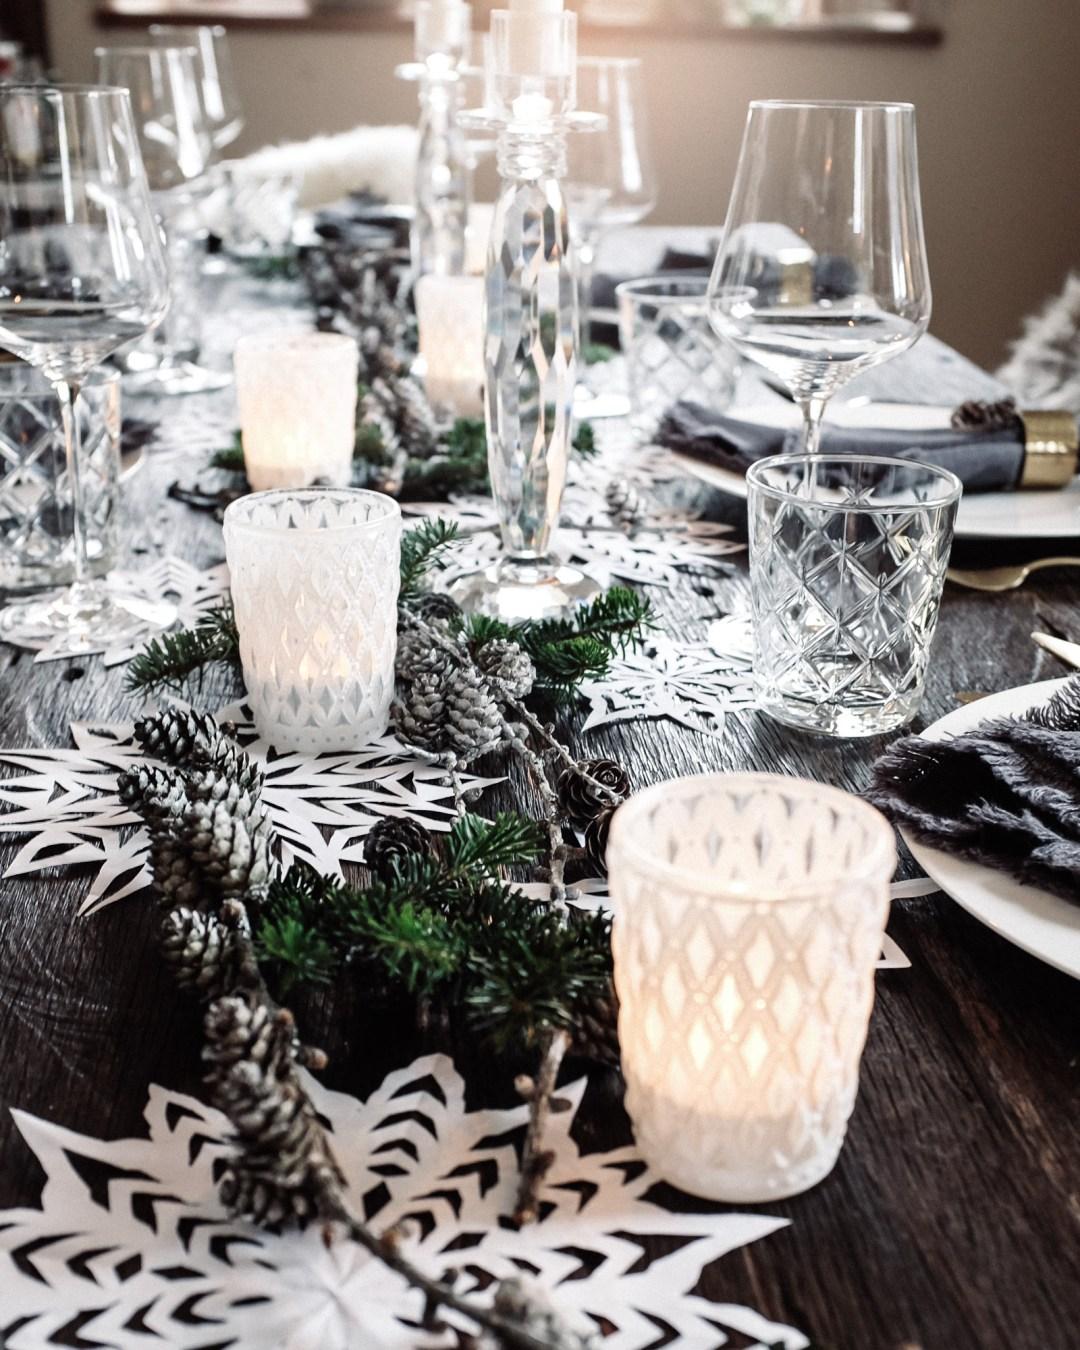 ina stil inastil Tischdekoration Weihnachten Weihnachtsessen Weihnachtssterne Festessen Dekoration christmastime WeihnachtszeitDSCF0872